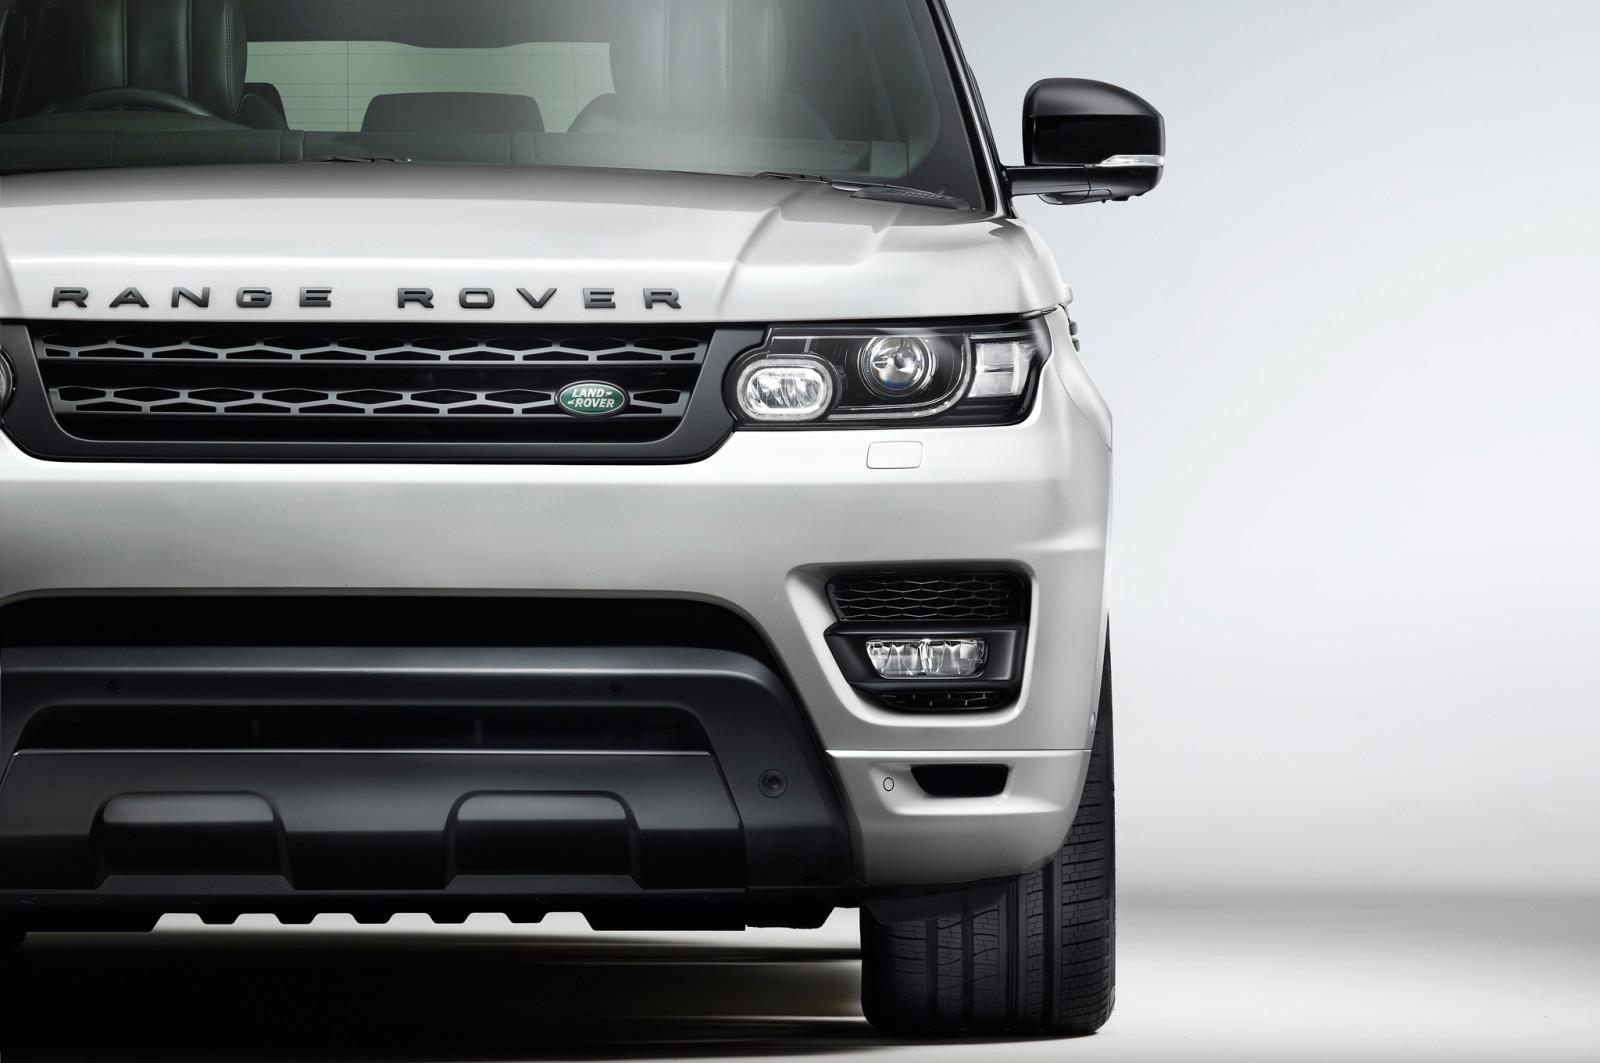 2015-land-rover-range-rover-18-car-hd-wallpaper-e1465328372798